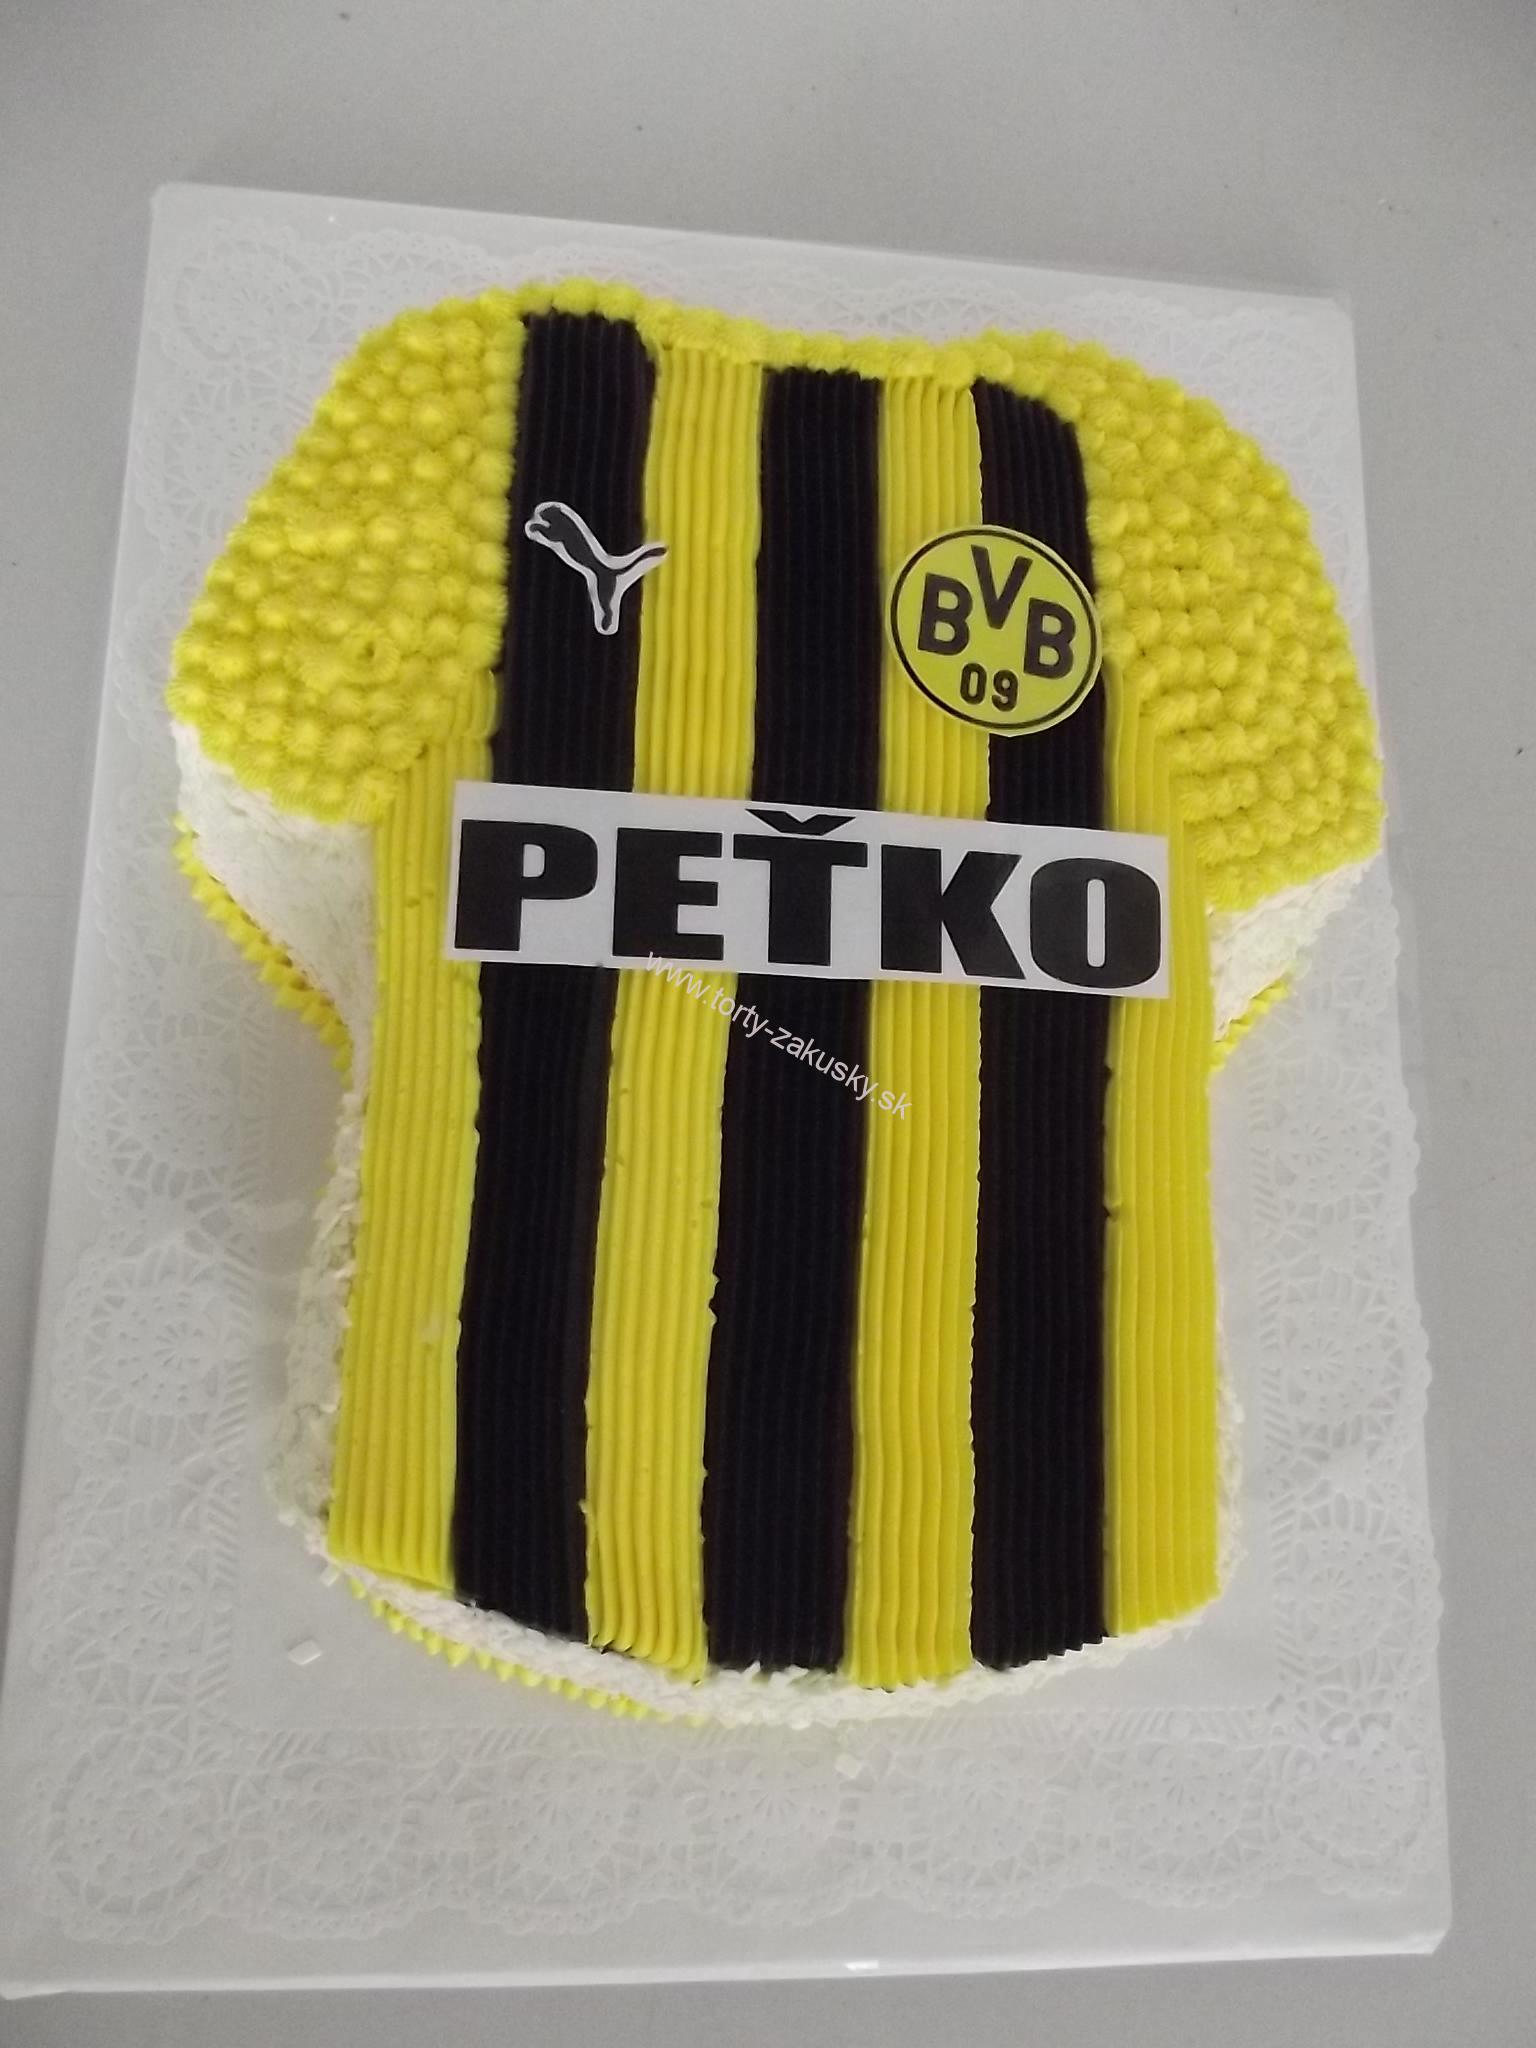 Detská torta futbalový dres DORTMUND